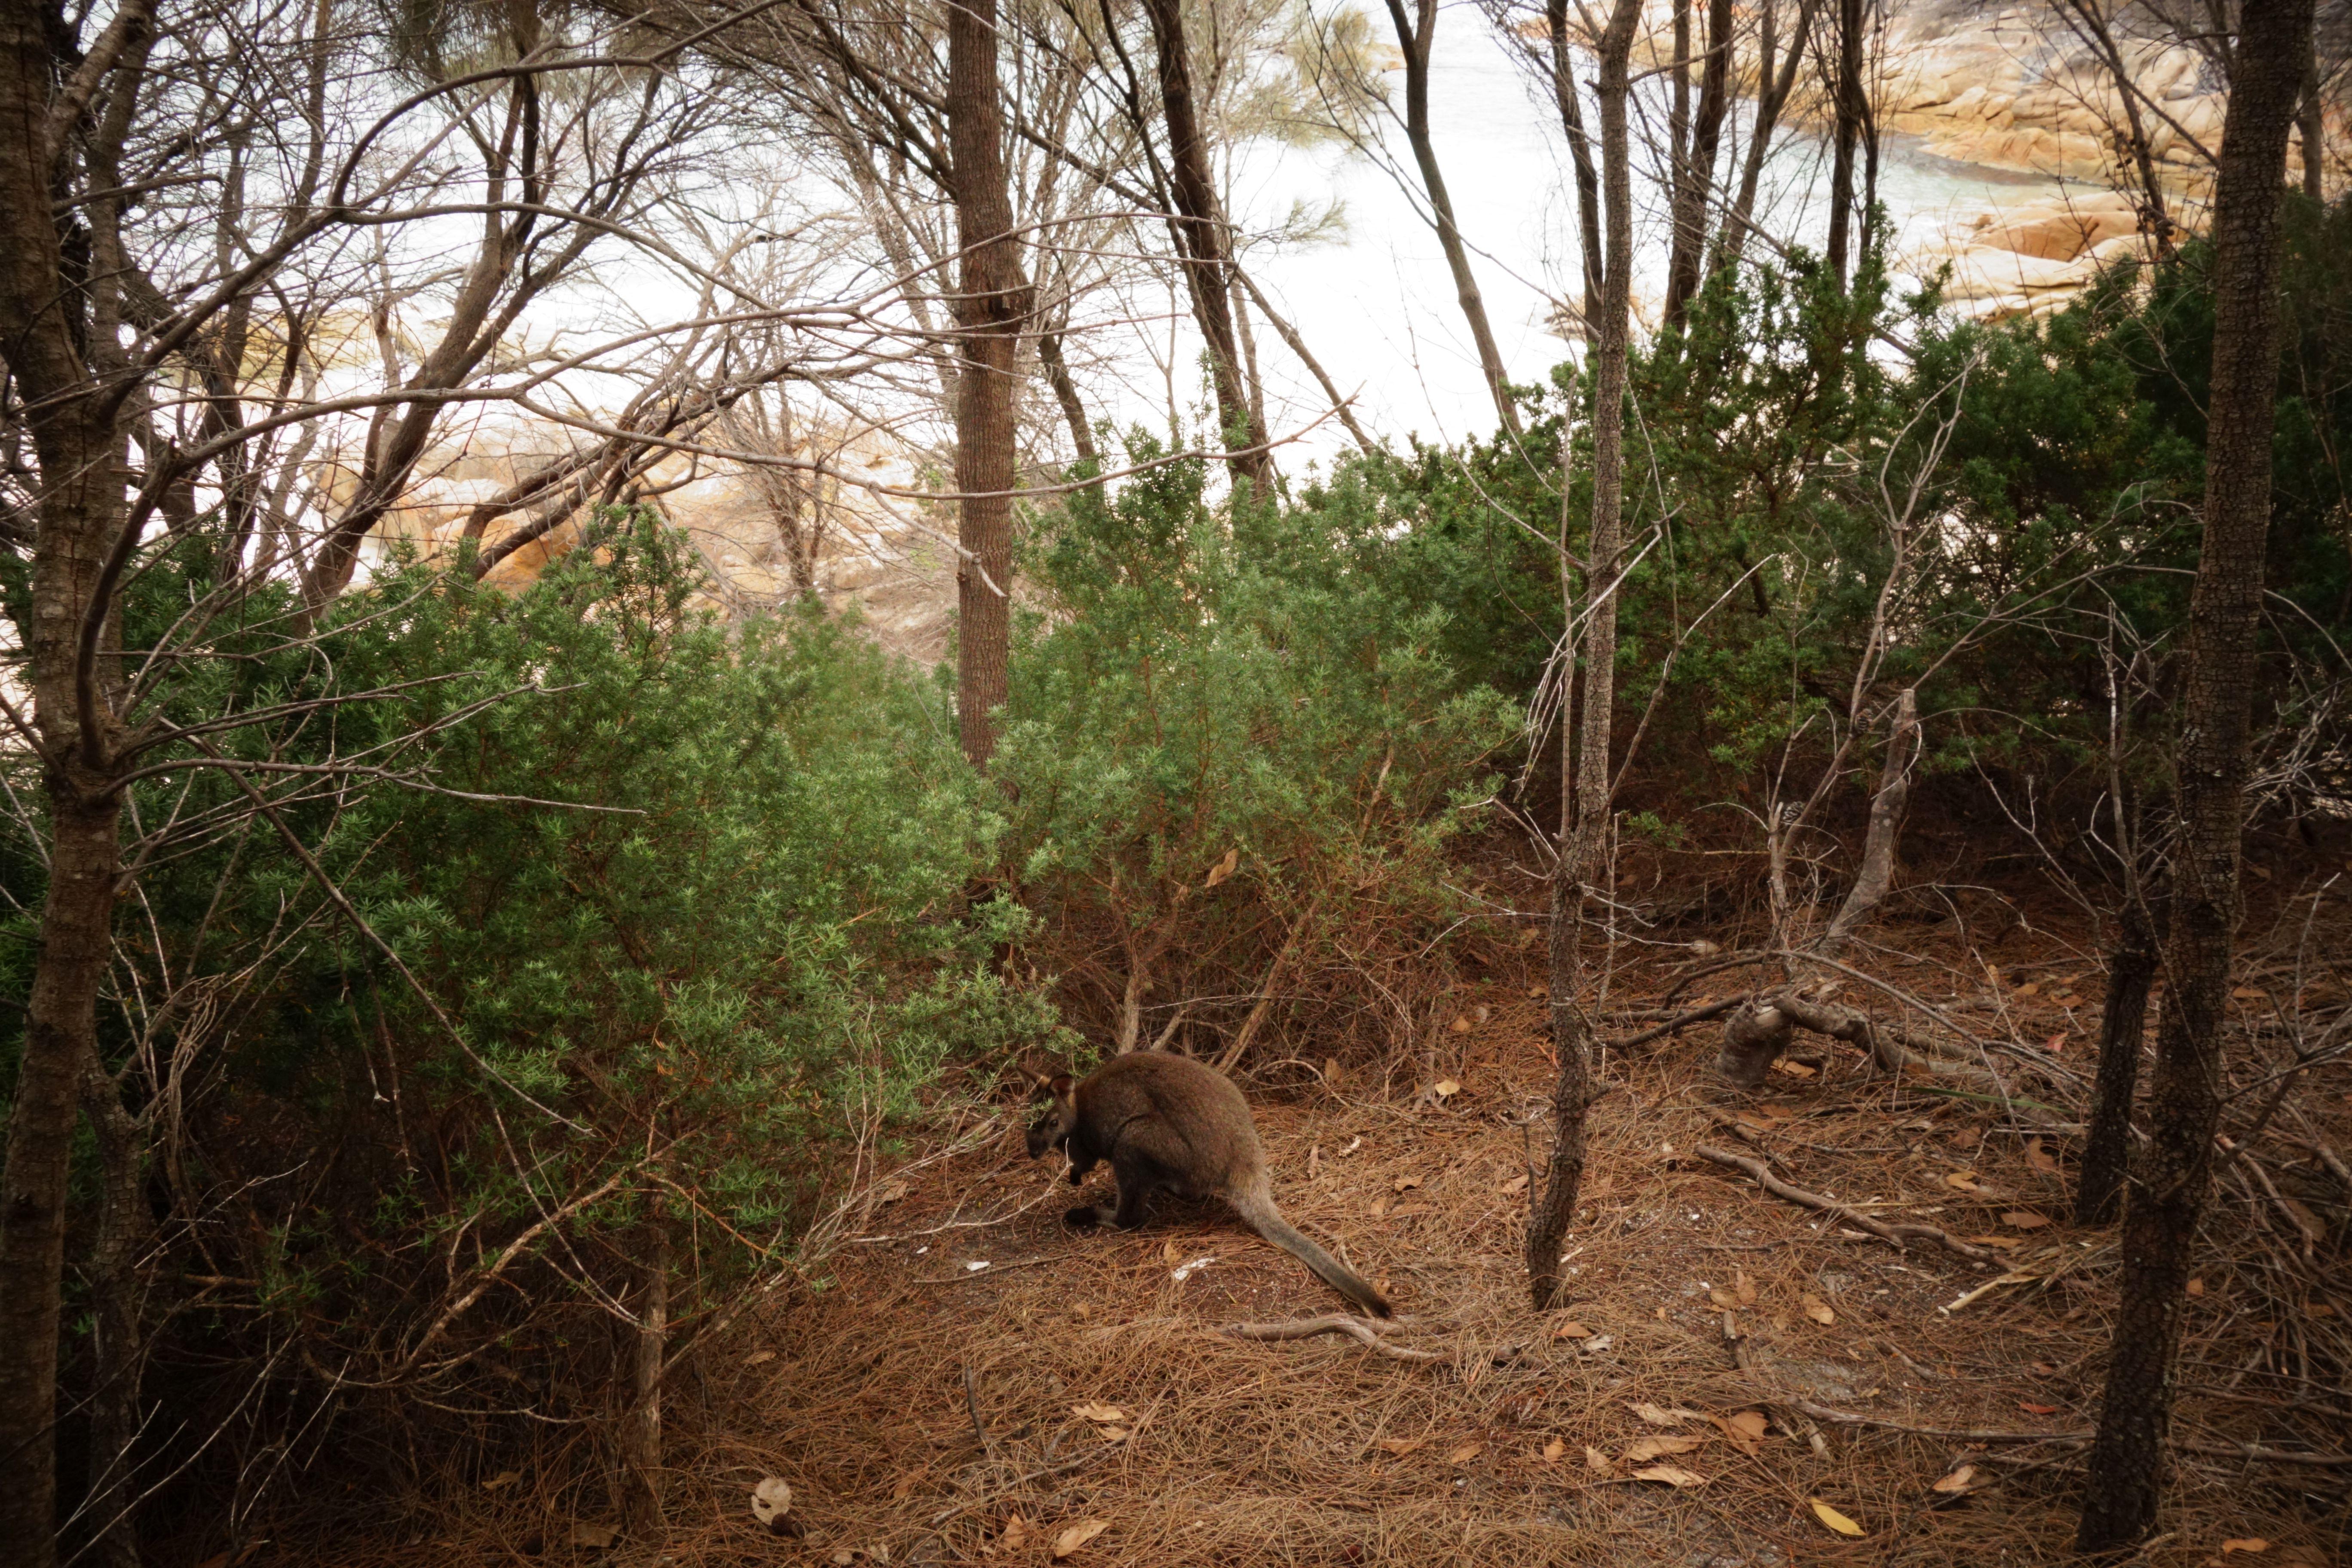 Australie-Tasmanie: Ahhh la grande deception. Je devais depuis deux ans de prendre l'Océan et sur la plage un kangourou. Cela aurait été la photo du siècle. Helas il n'as manque que quelques metres. Le kangourou et en arrière plan la mer.